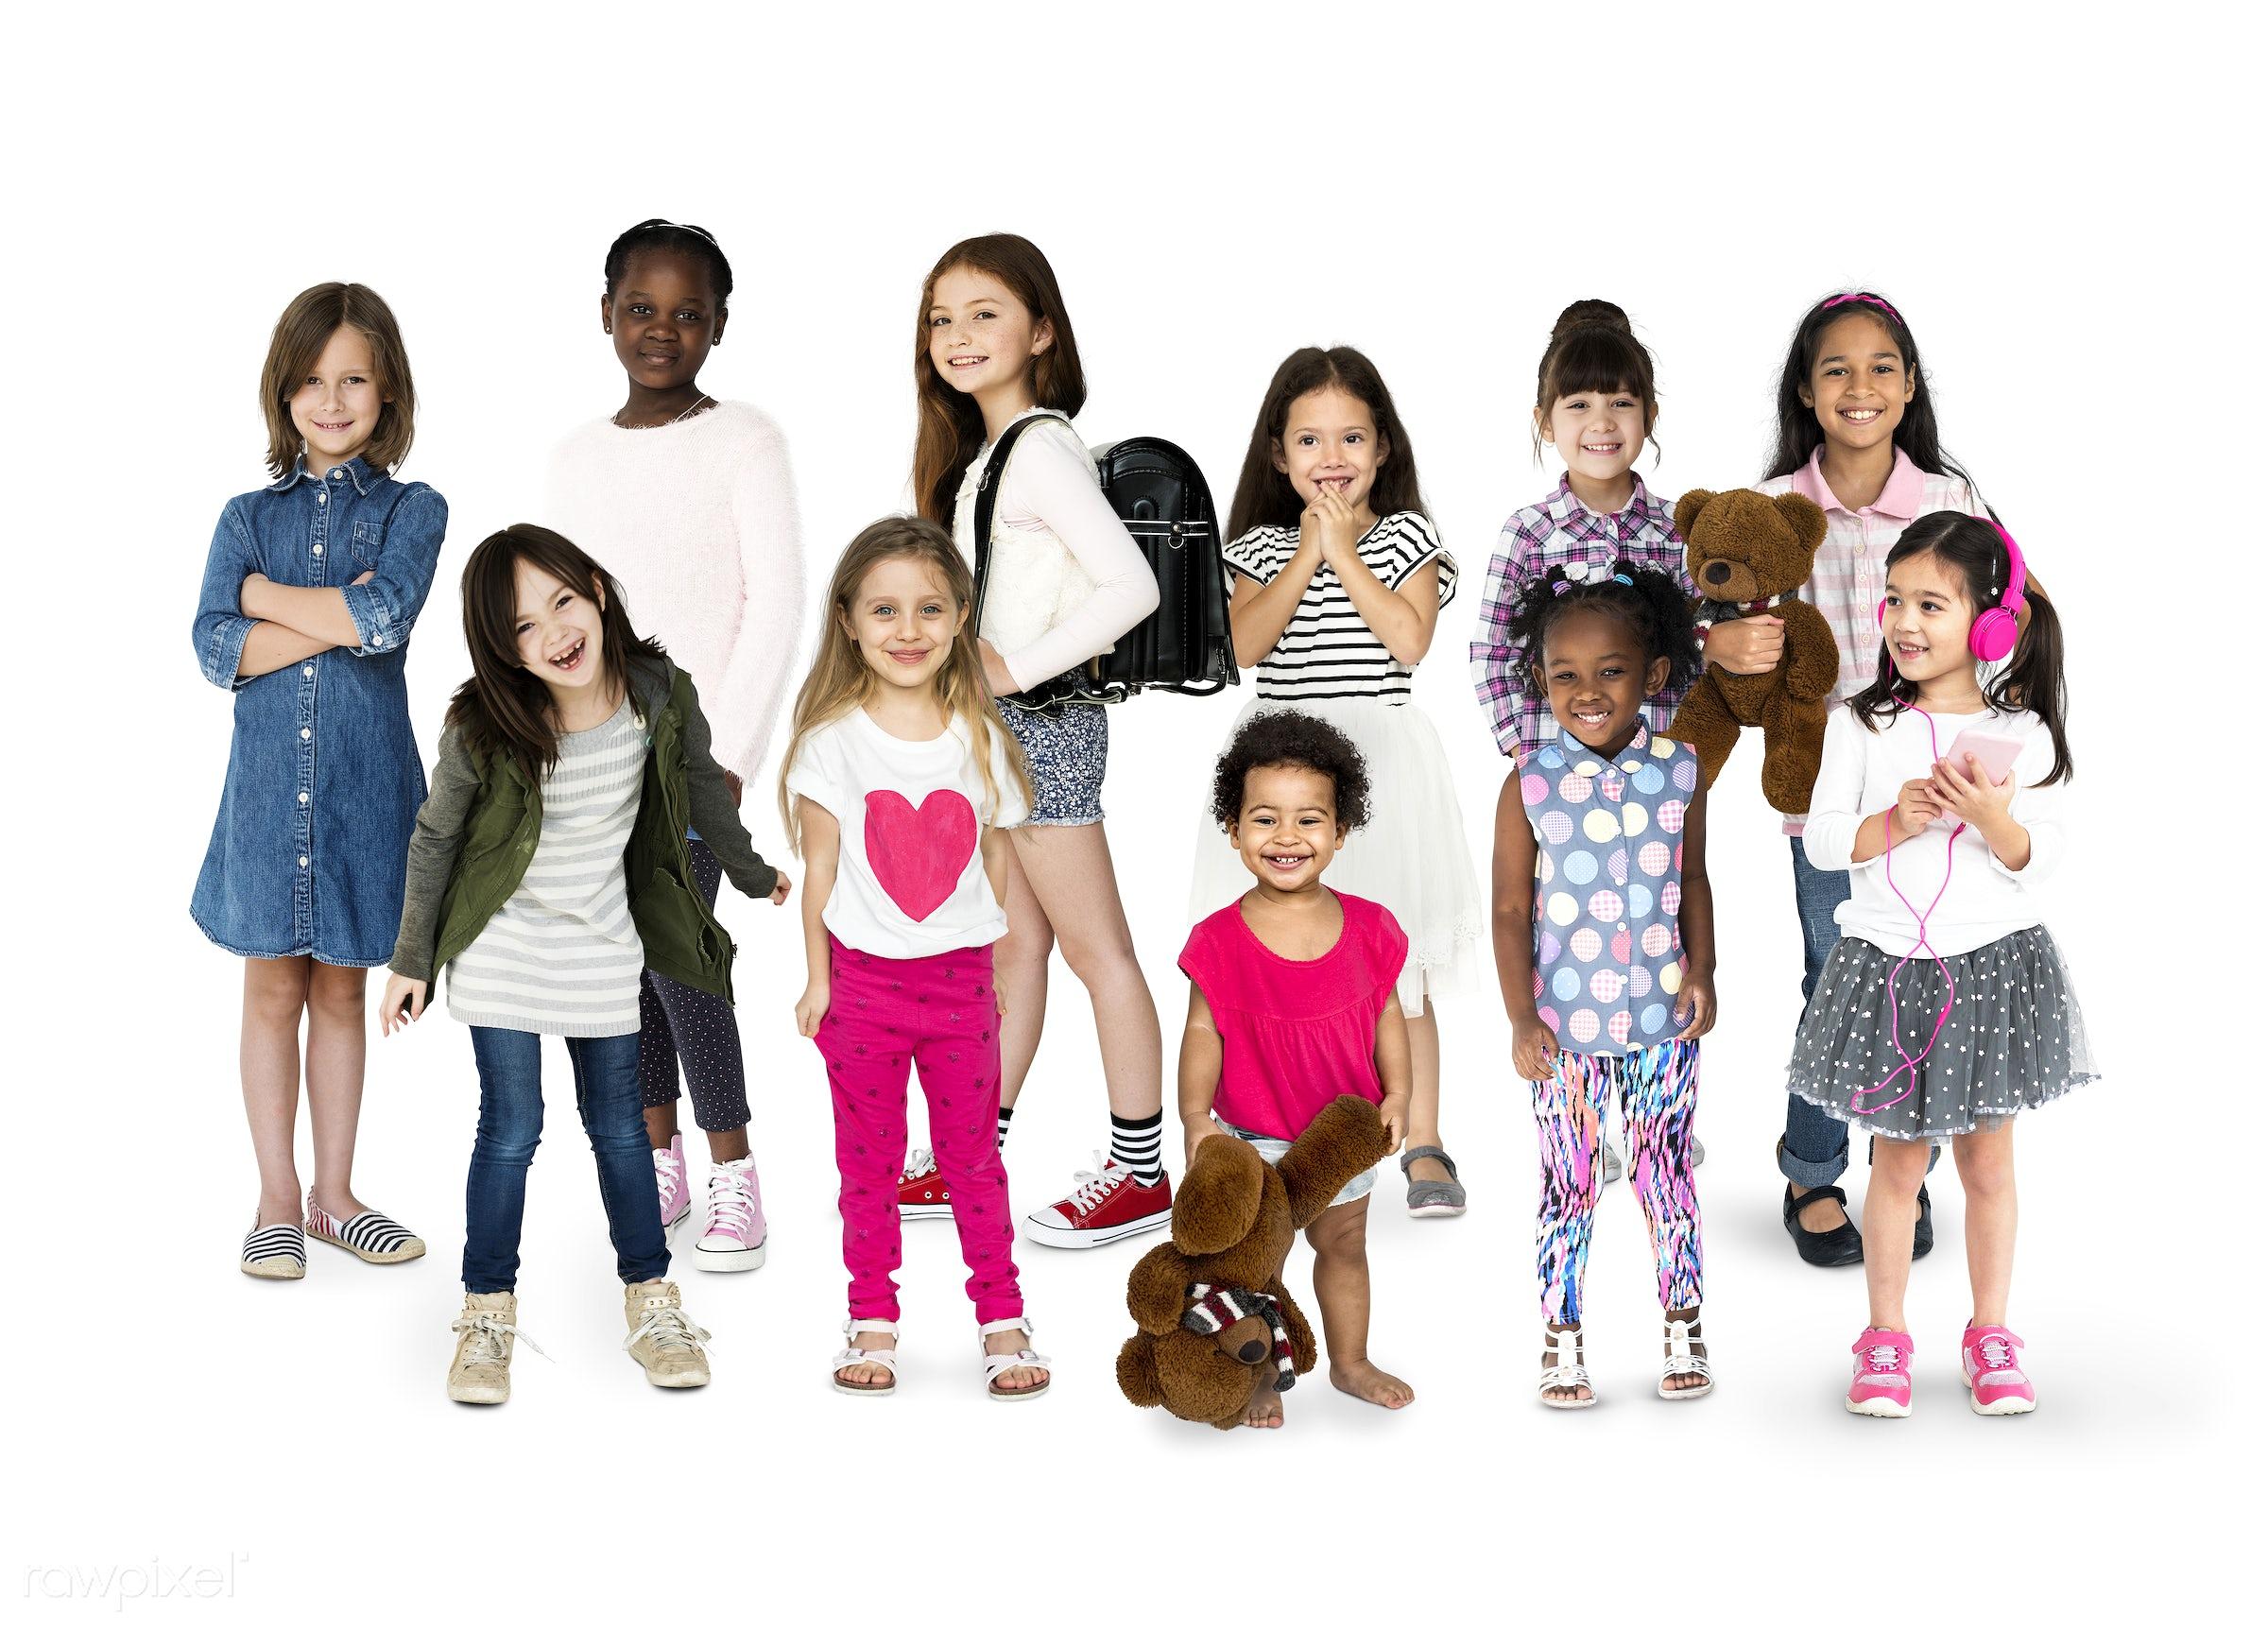 Diverse people set - studio, person, diverse, innocent, little, entertain, recreation, people, caucasian, asian, little...